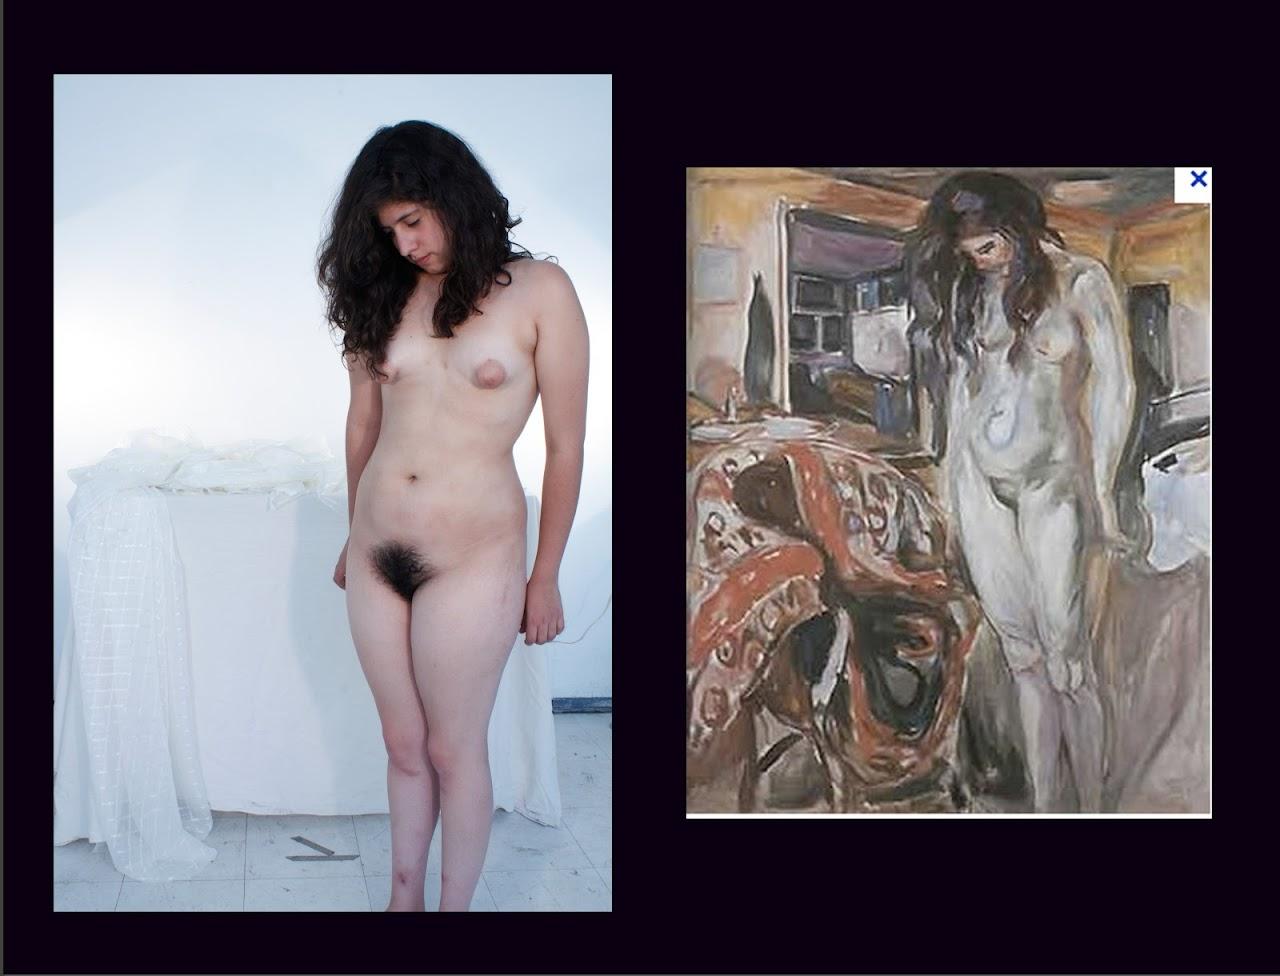 http://2.bp.blogspot.com/-vxd214Tck0I/T9VxIskGOqI/AAAAAAAAAOk/RglwDiCKp1s/s1600/Edvard+Munch+5.jpg